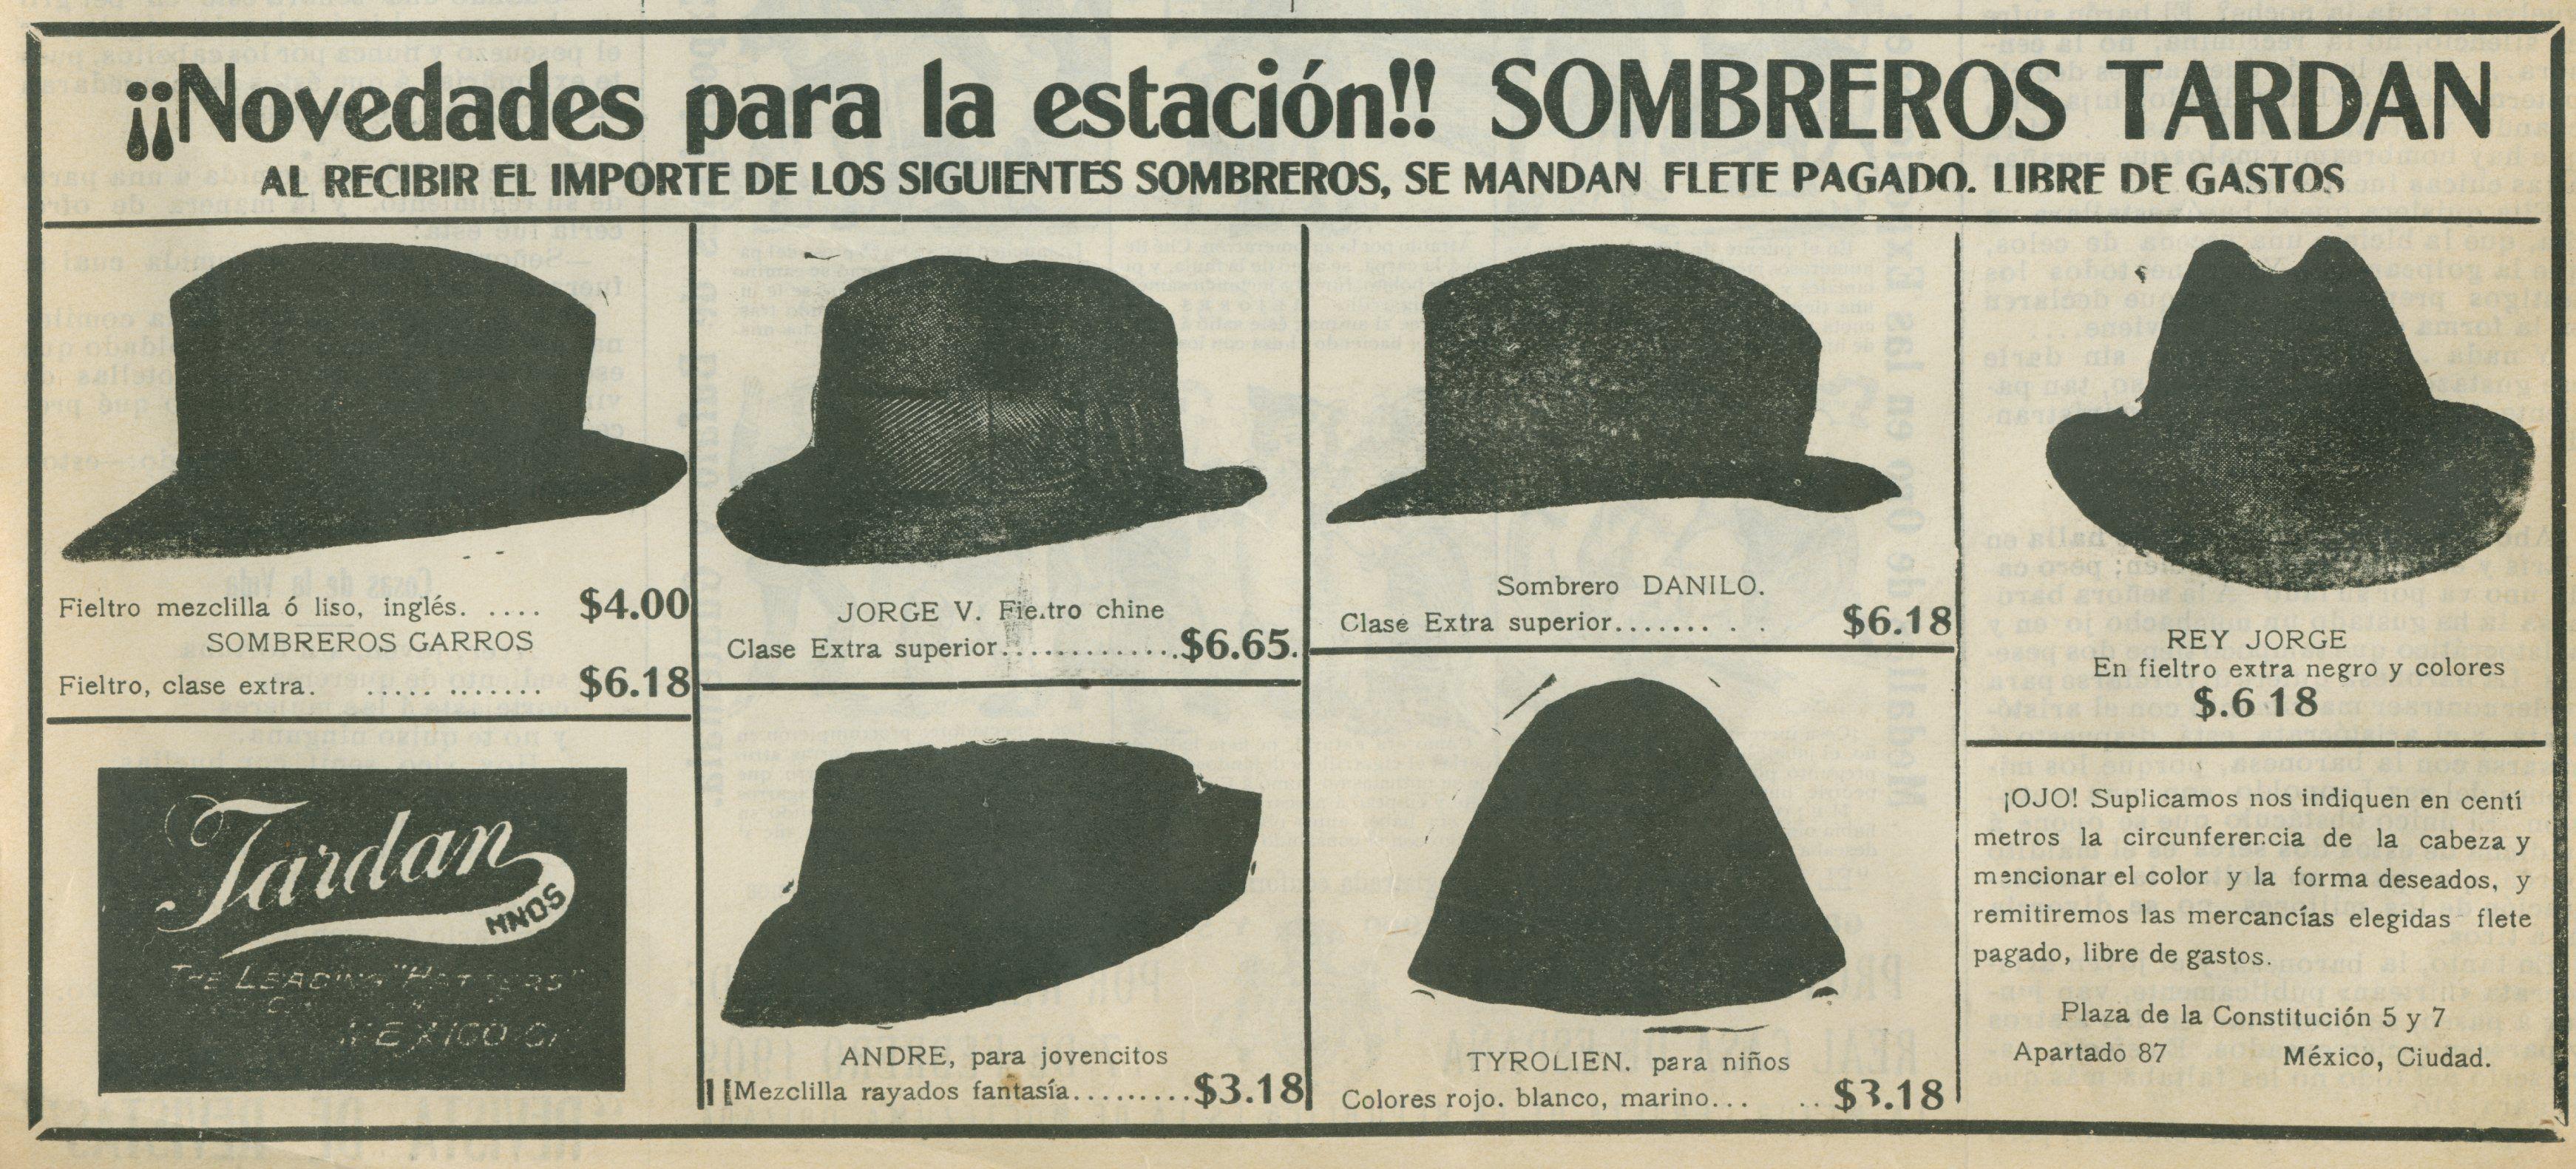 Sombreros Tardan de Sonora a Yucatán